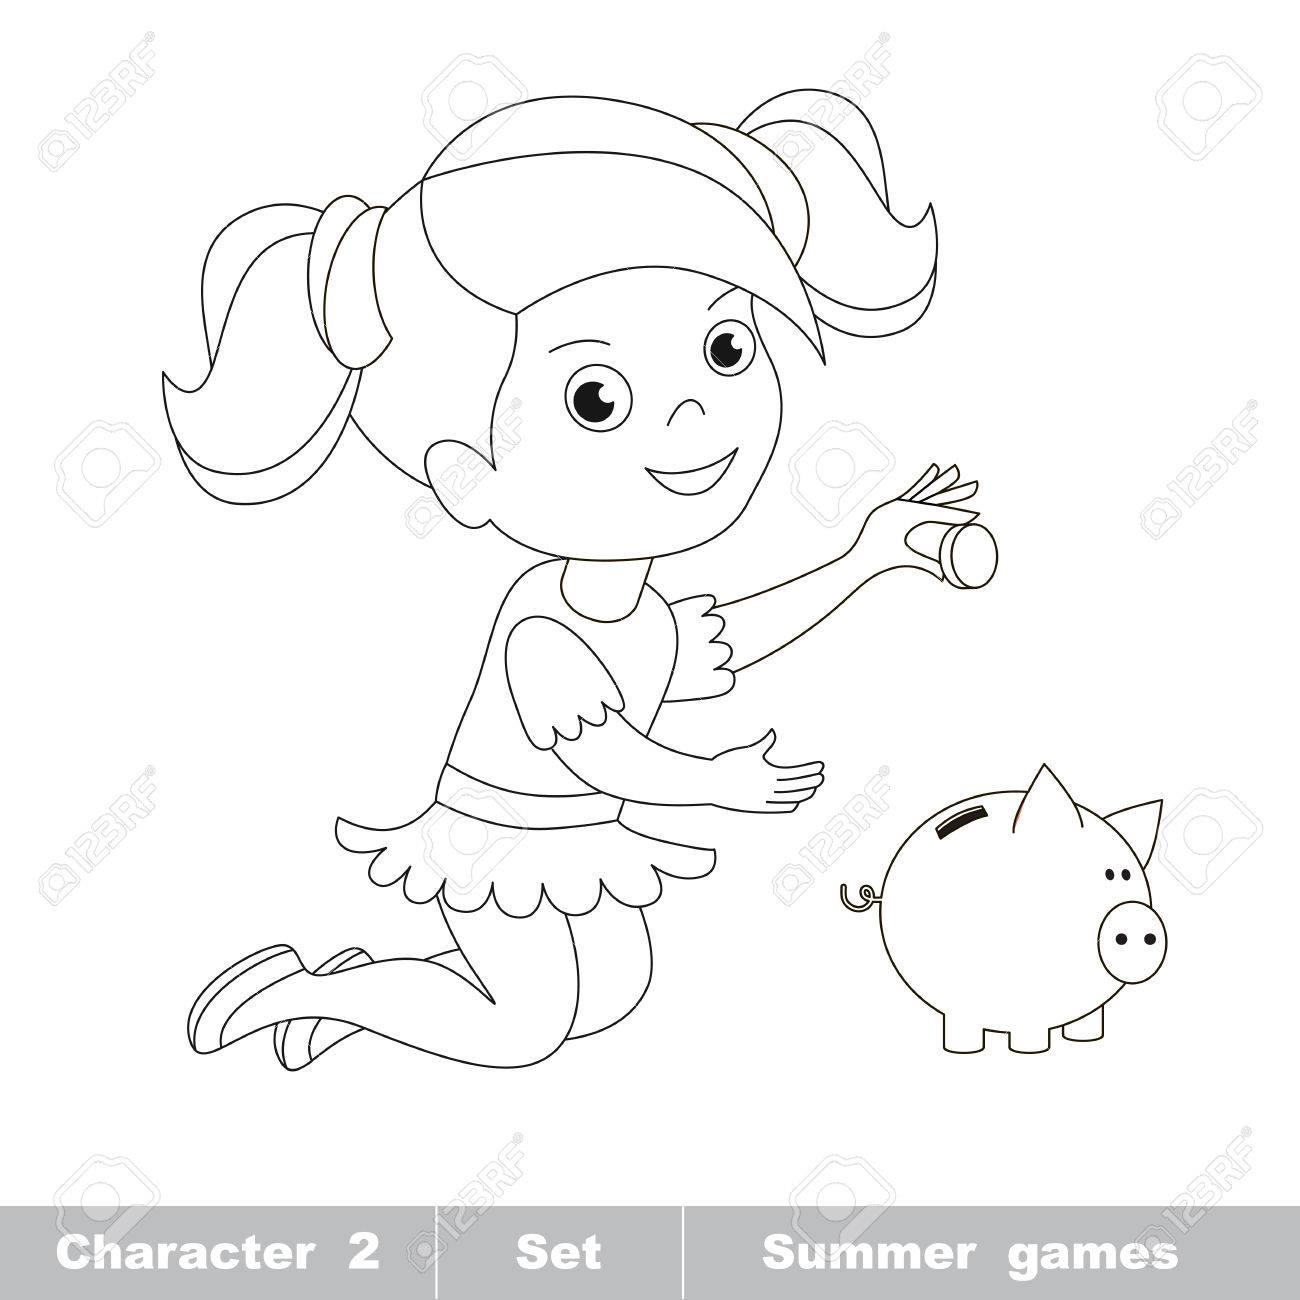 Una Pequeña Niña Jugar Con La Moneda Y Hucha. Personaje De Dibujos ...